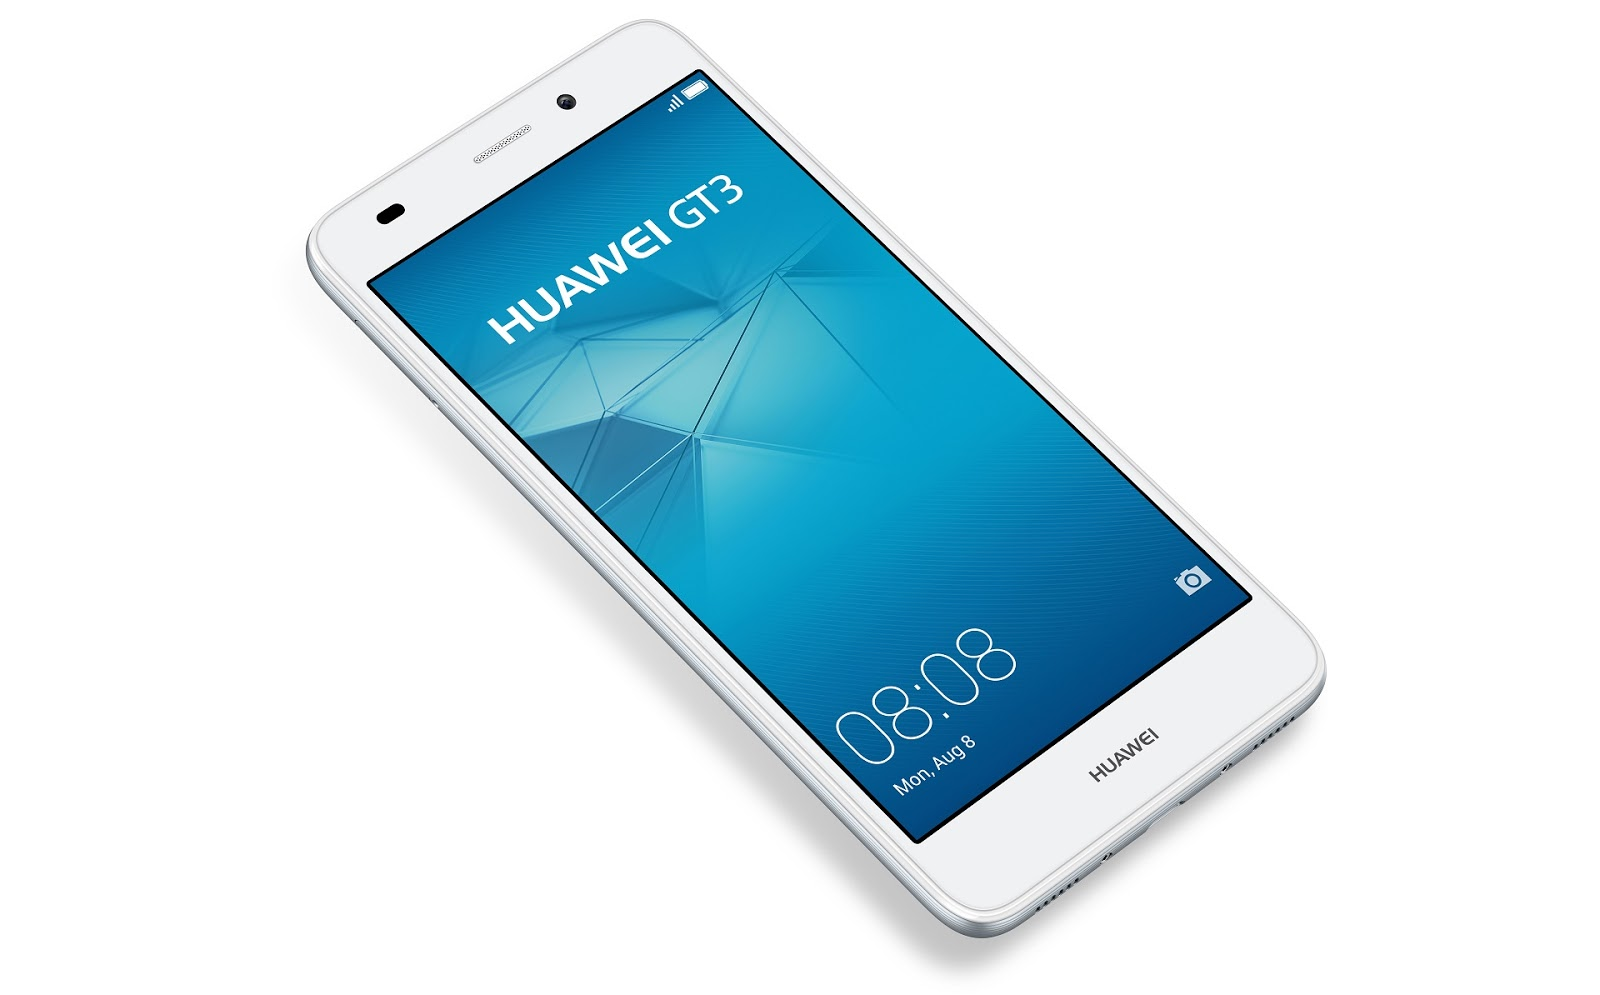 Huawei GT3 problemi micro SD non riconosciuta? Come formattarla